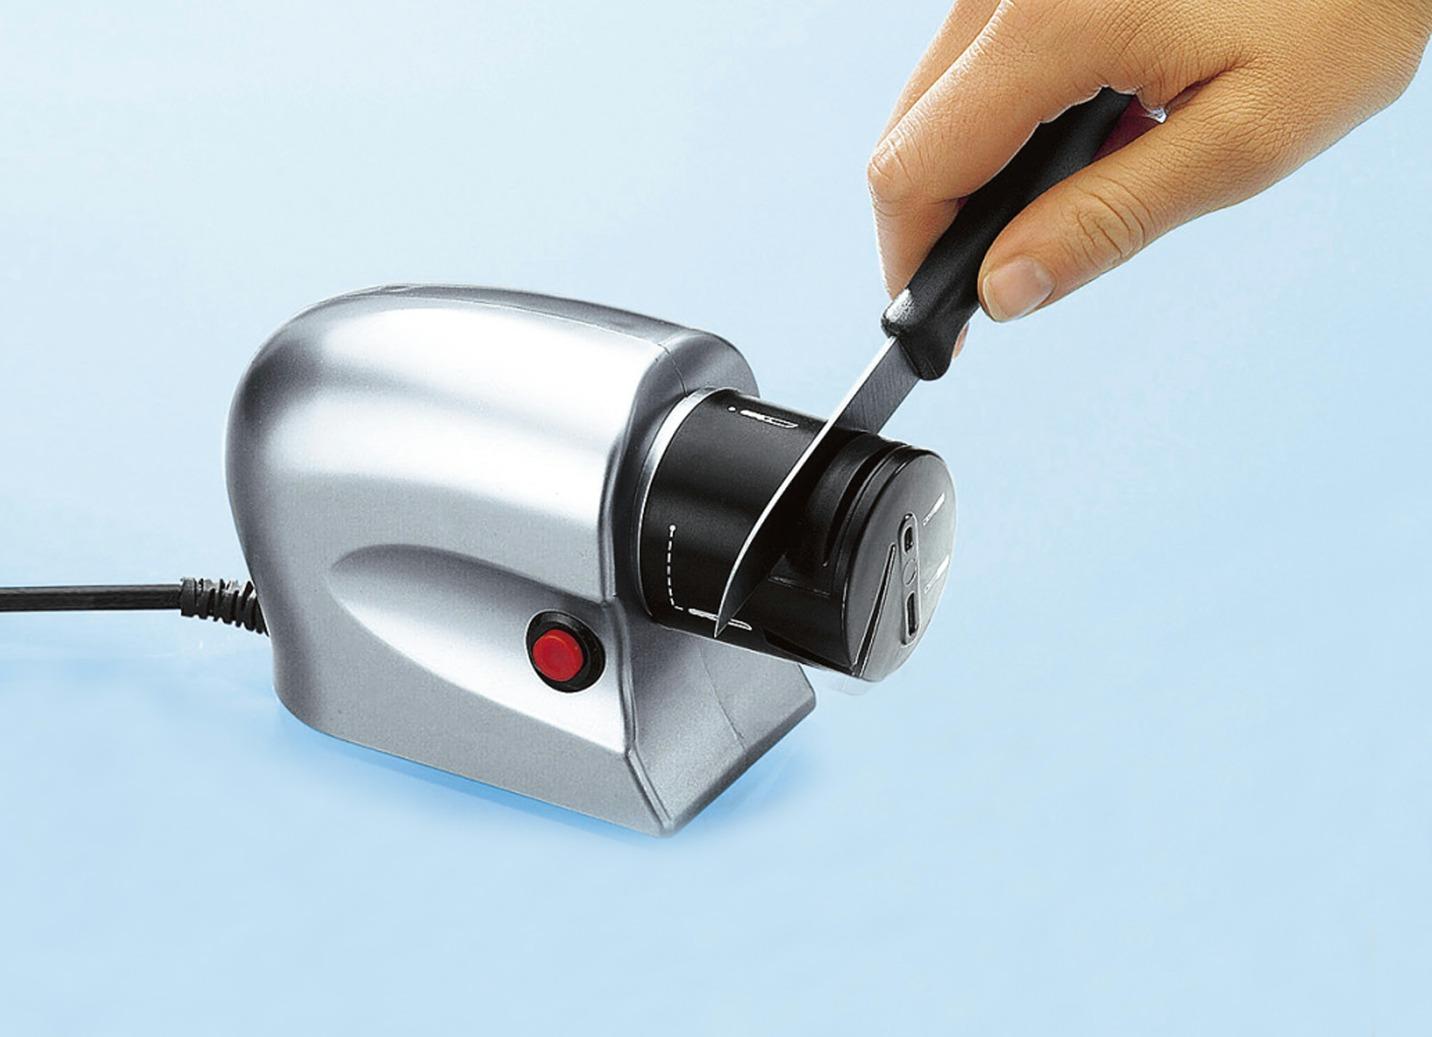 elektrischer messersch rfer elektrische k chenger te brigitte hachenburg. Black Bedroom Furniture Sets. Home Design Ideas